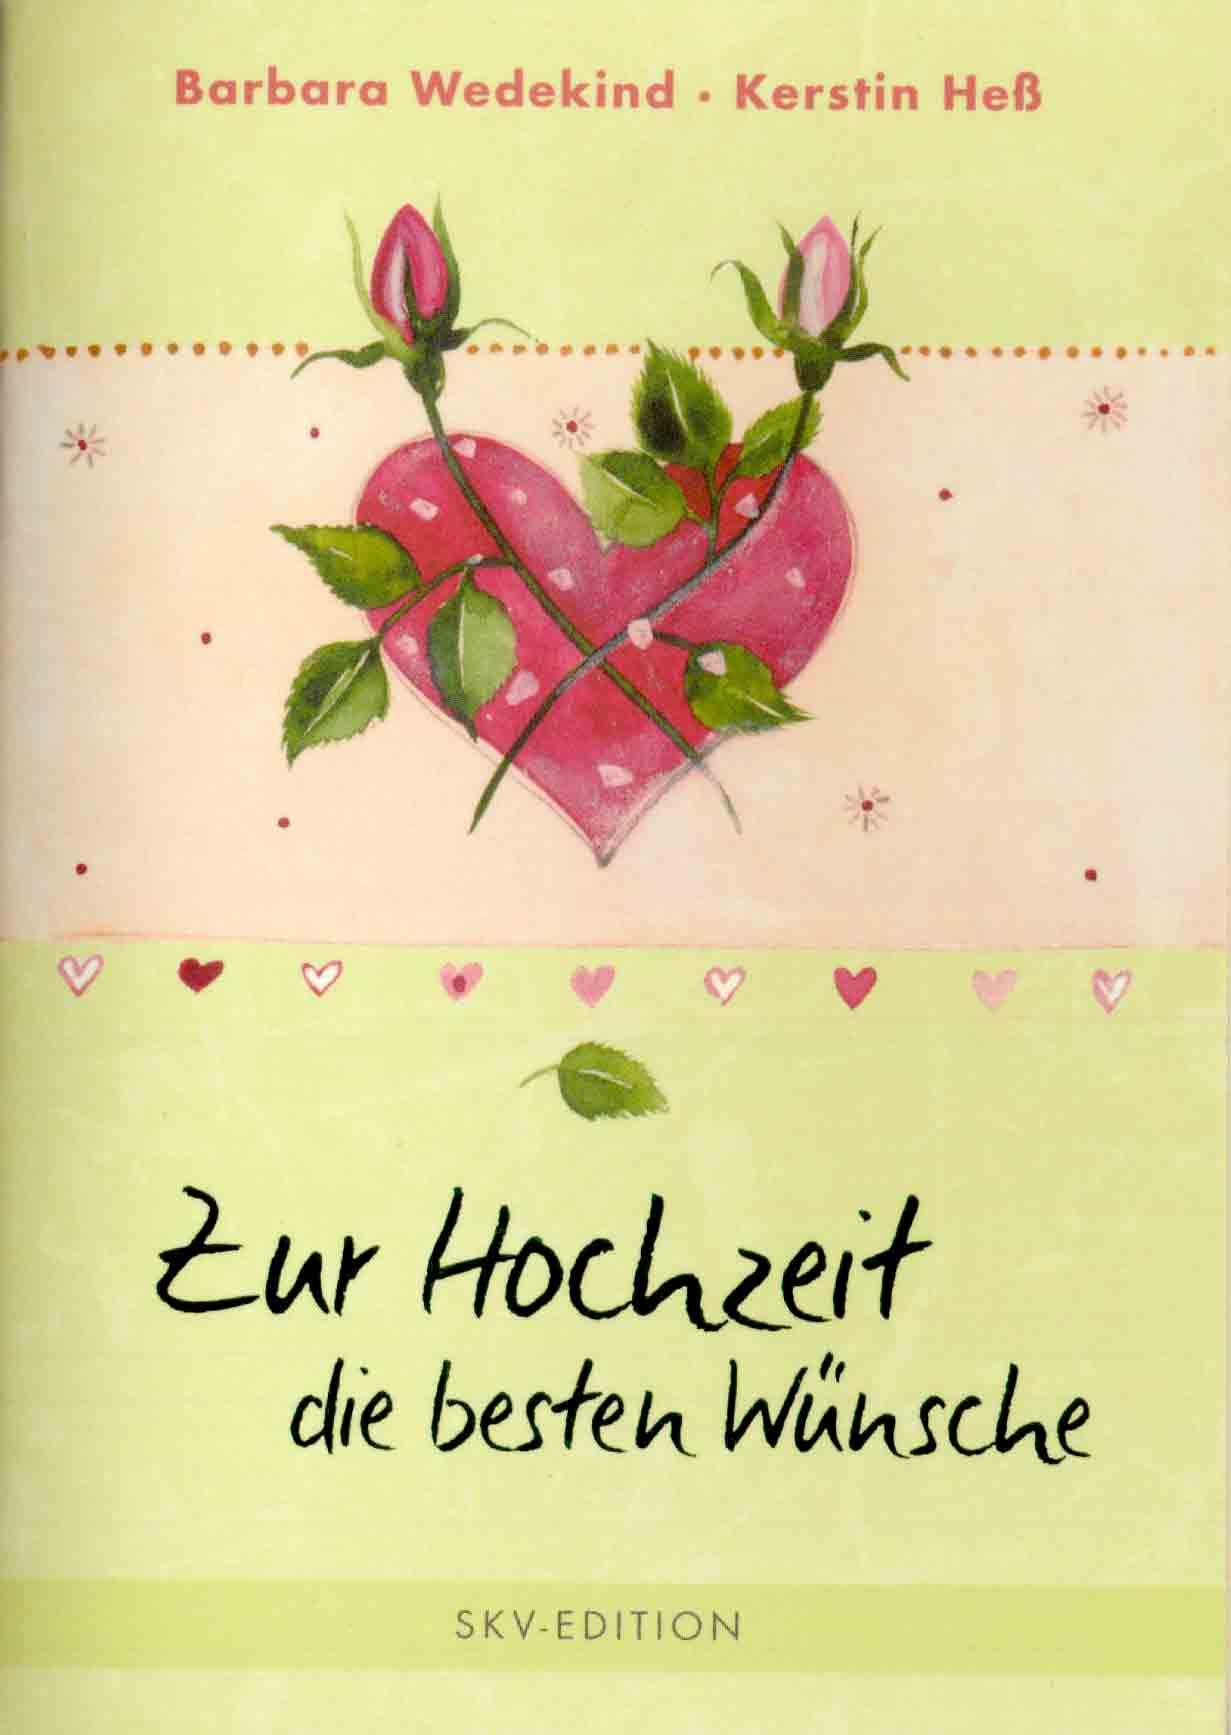 Verlagsshop | Zur Hochzeit die besten Wünsche | Bücher